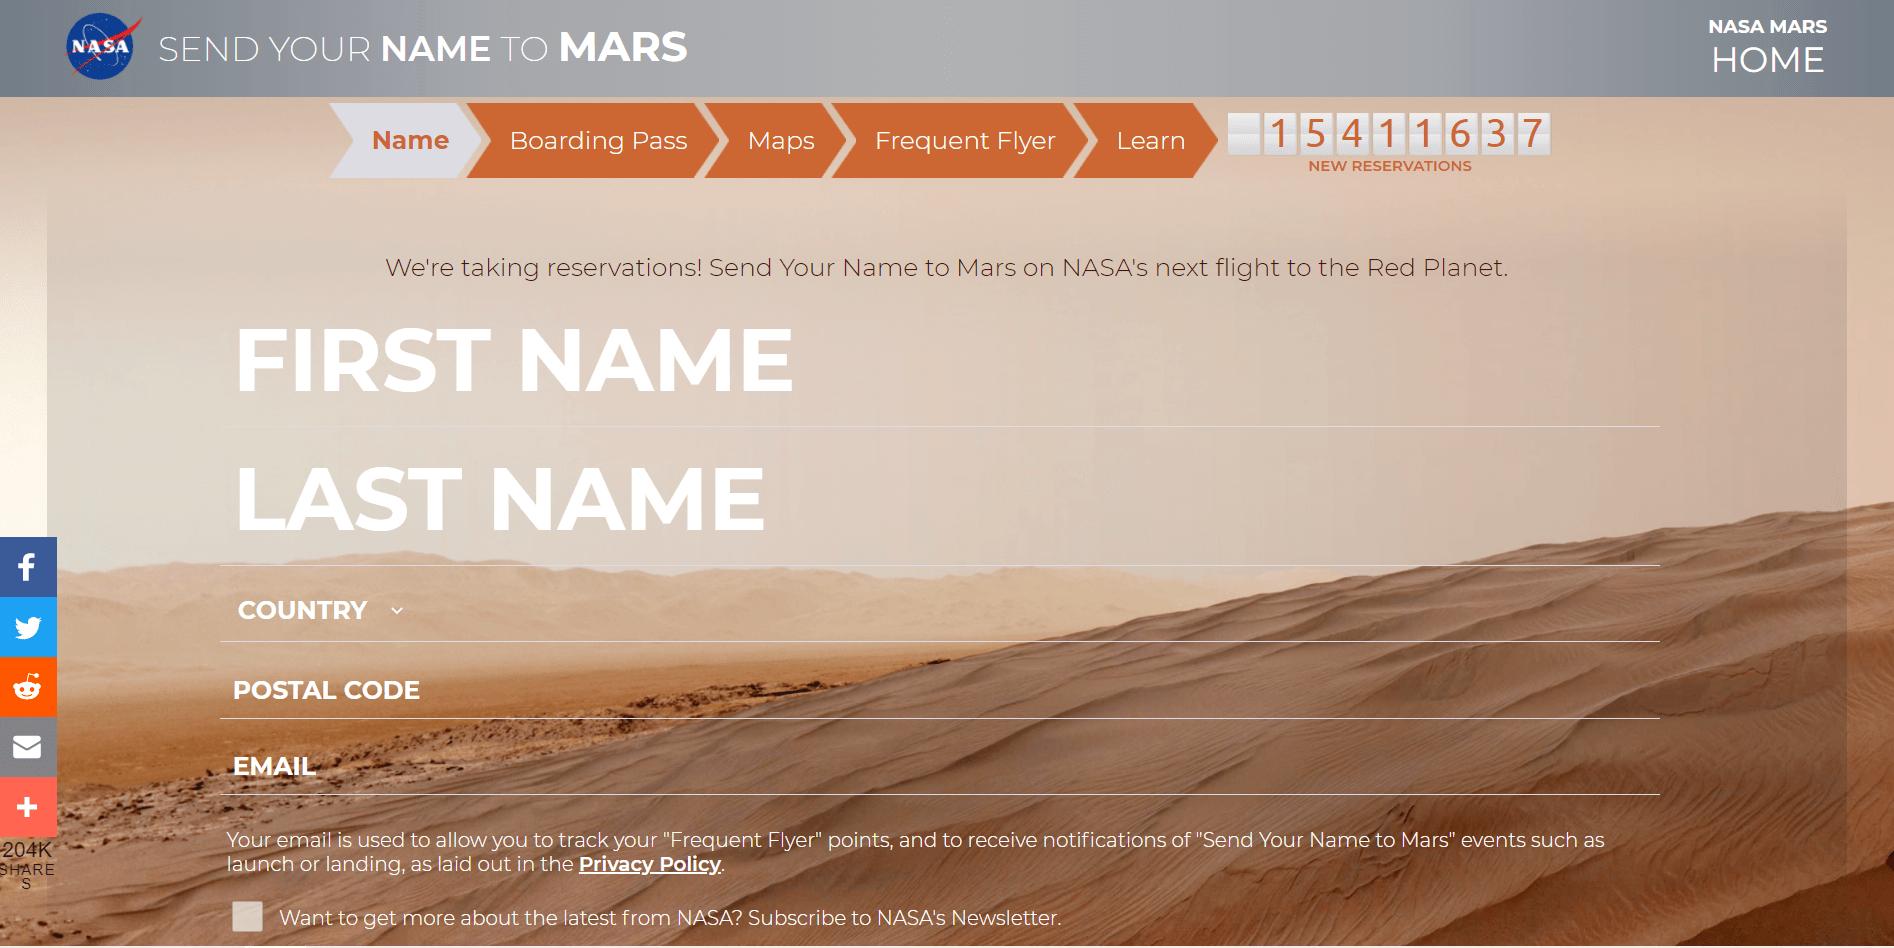 NASA 2026年火星船票开始预定,把名字送去火星!快来申请一张吧!